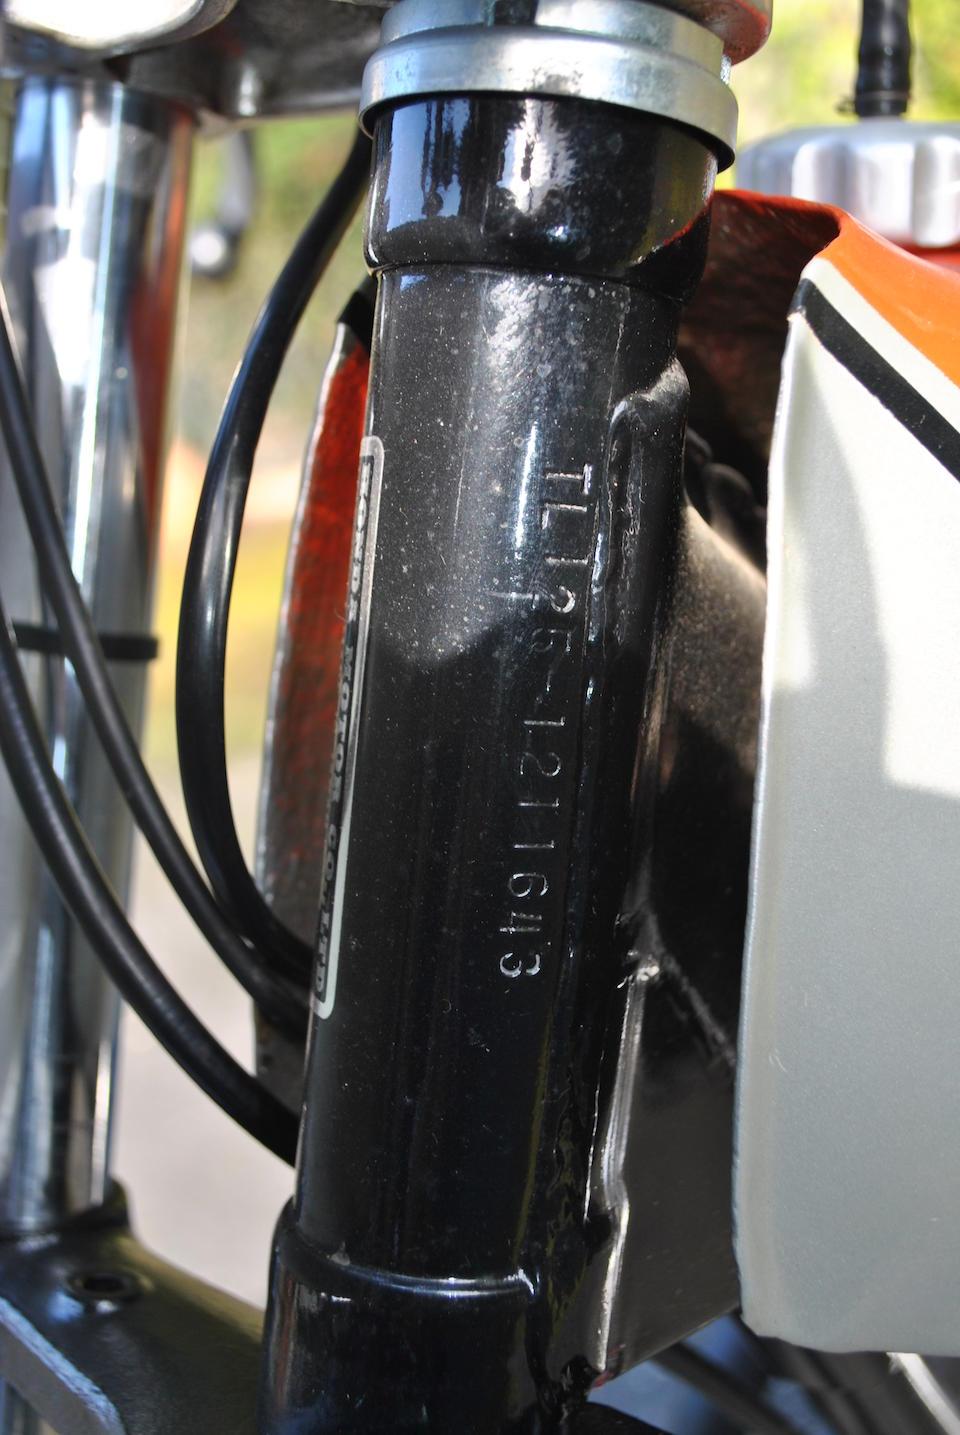 1974 Honda TL125 Trials Motorcycle Frame no. TL125 1211643 Engine no. TL125E 1211734